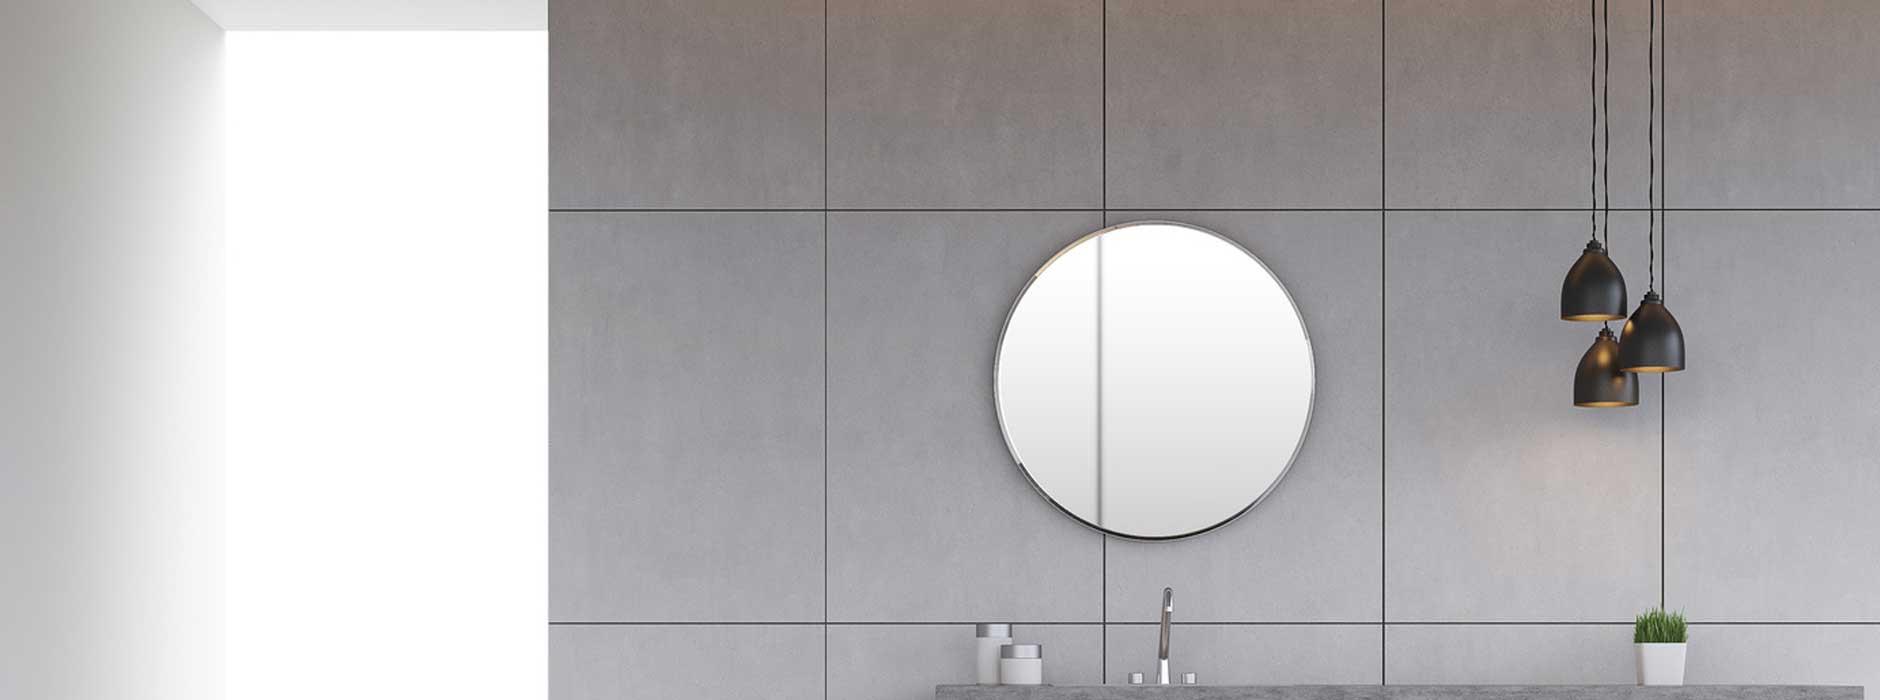 spiegel als w rmequelle die vor und nachteile der infrarotheizung ratgeber magazin tipps. Black Bedroom Furniture Sets. Home Design Ideas